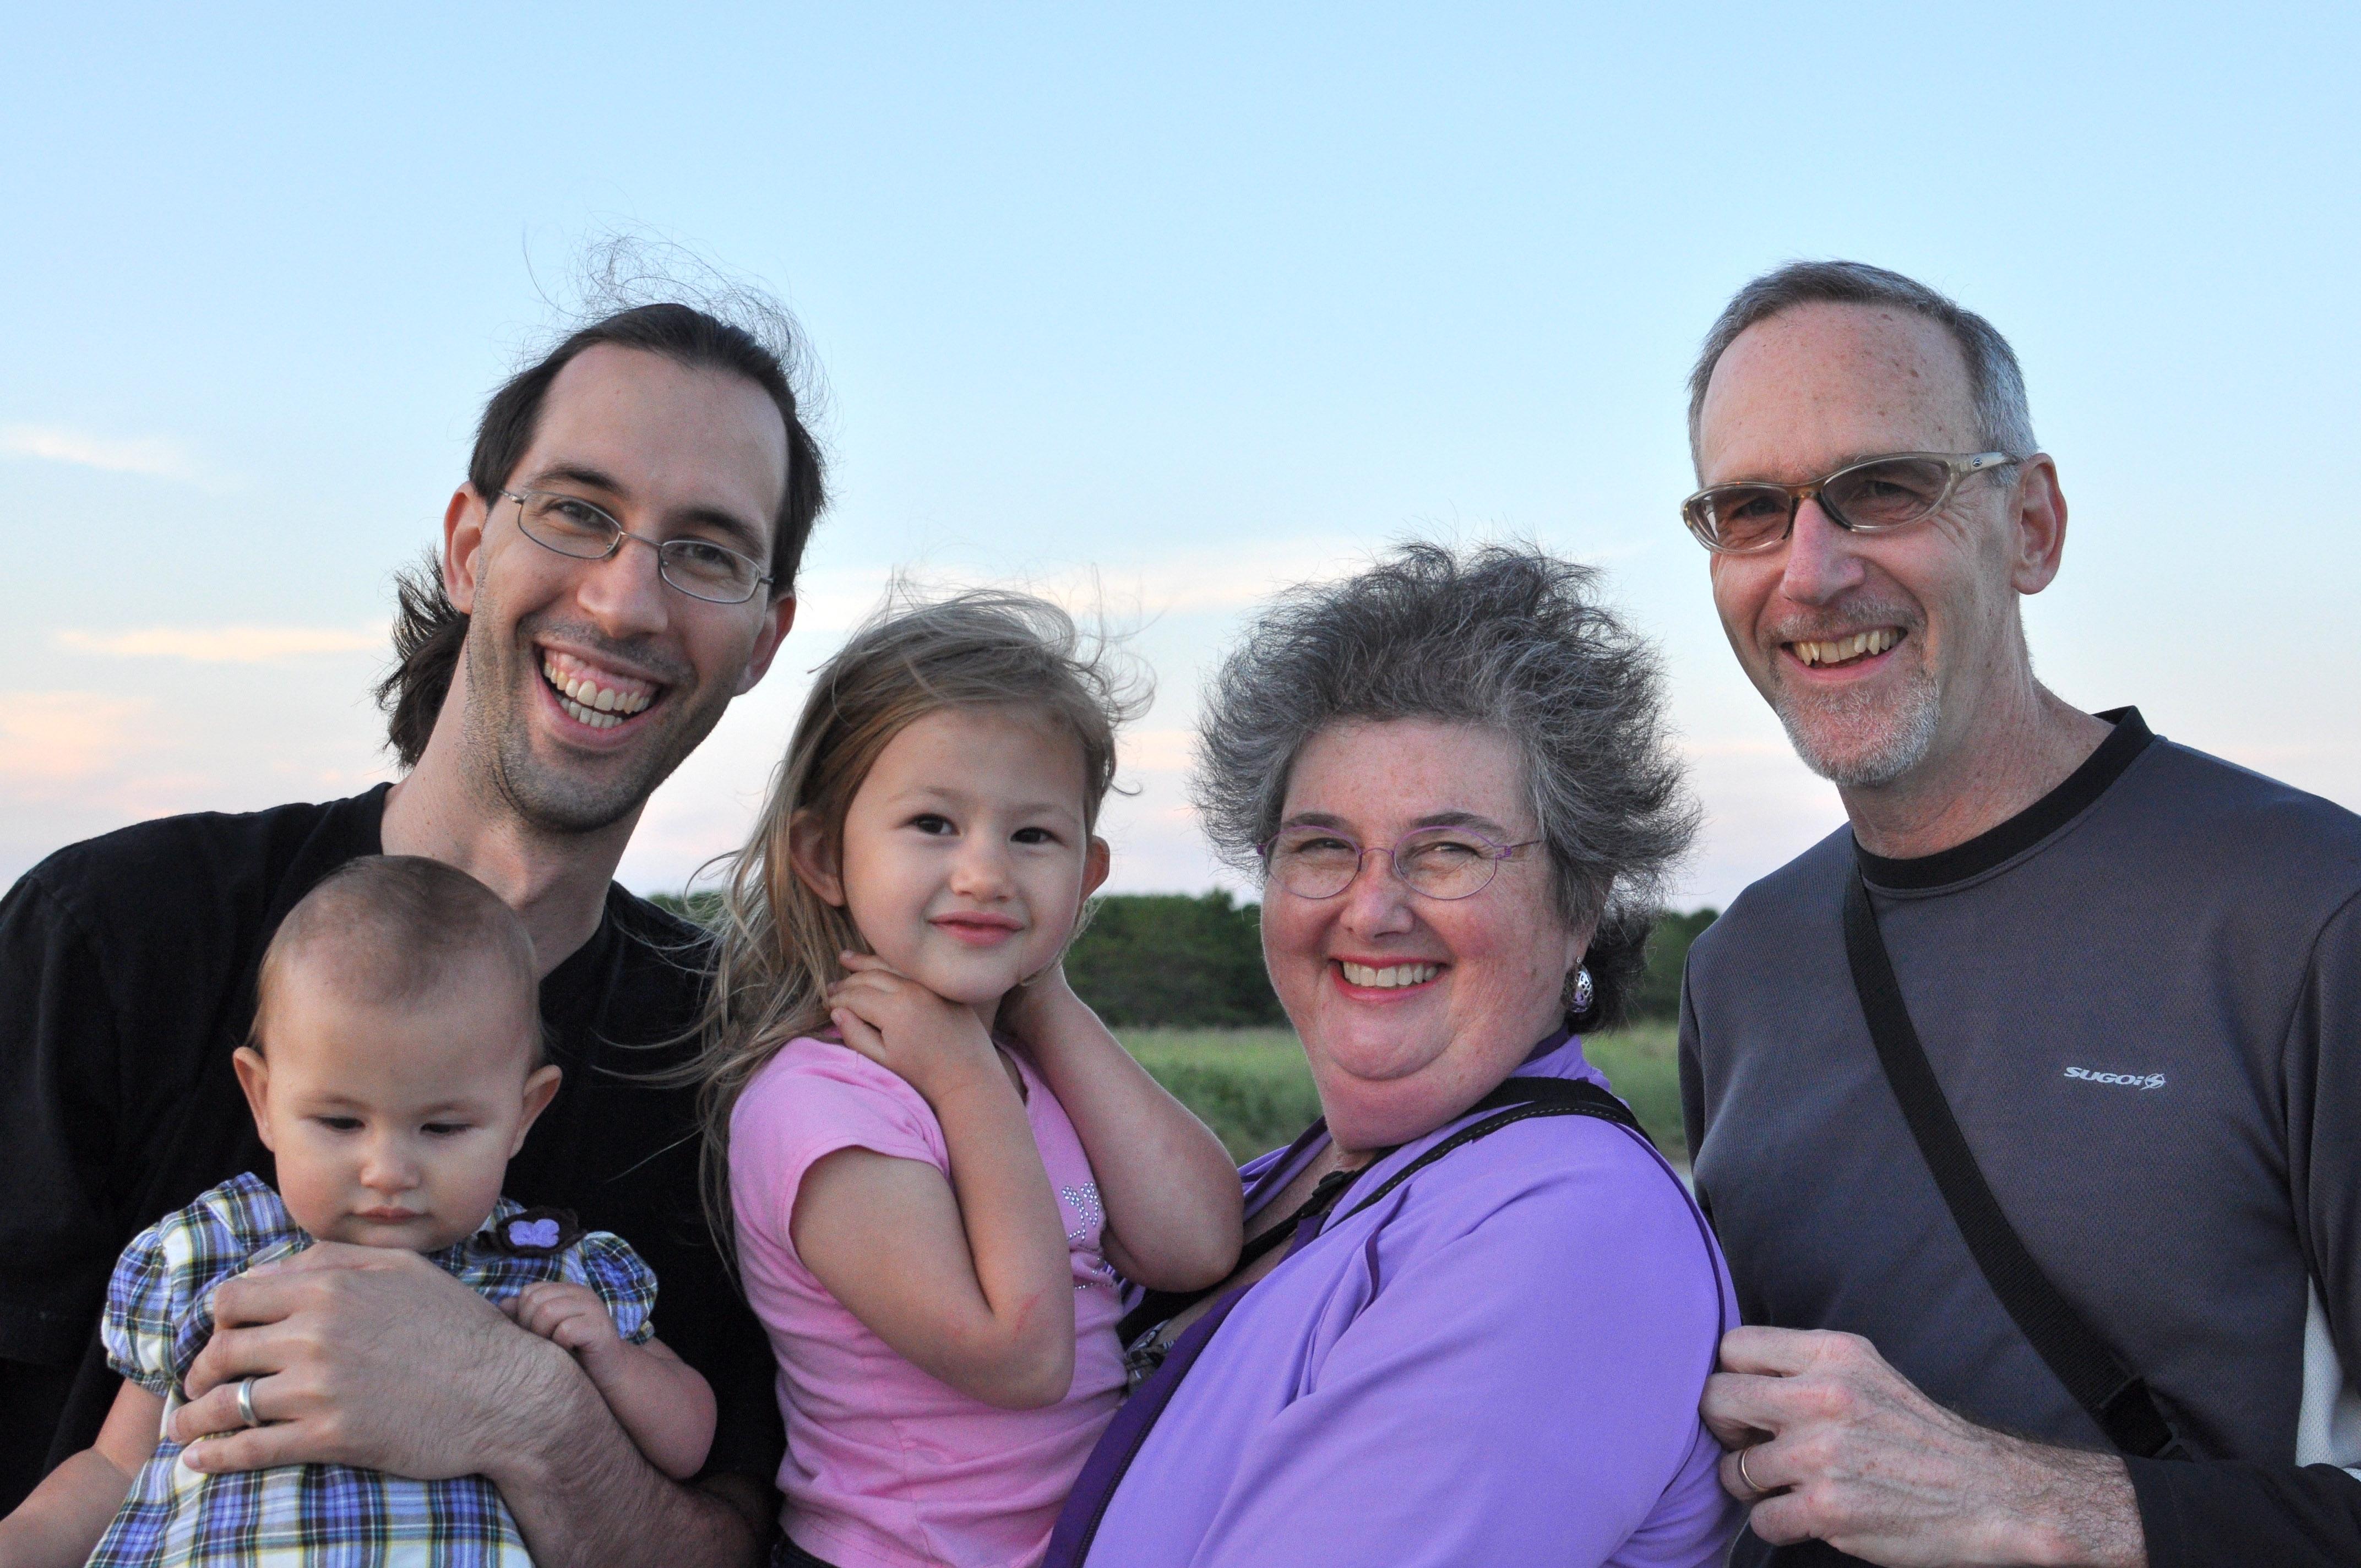 Celia, Jordi, Josie, Karen and Mike at the beach